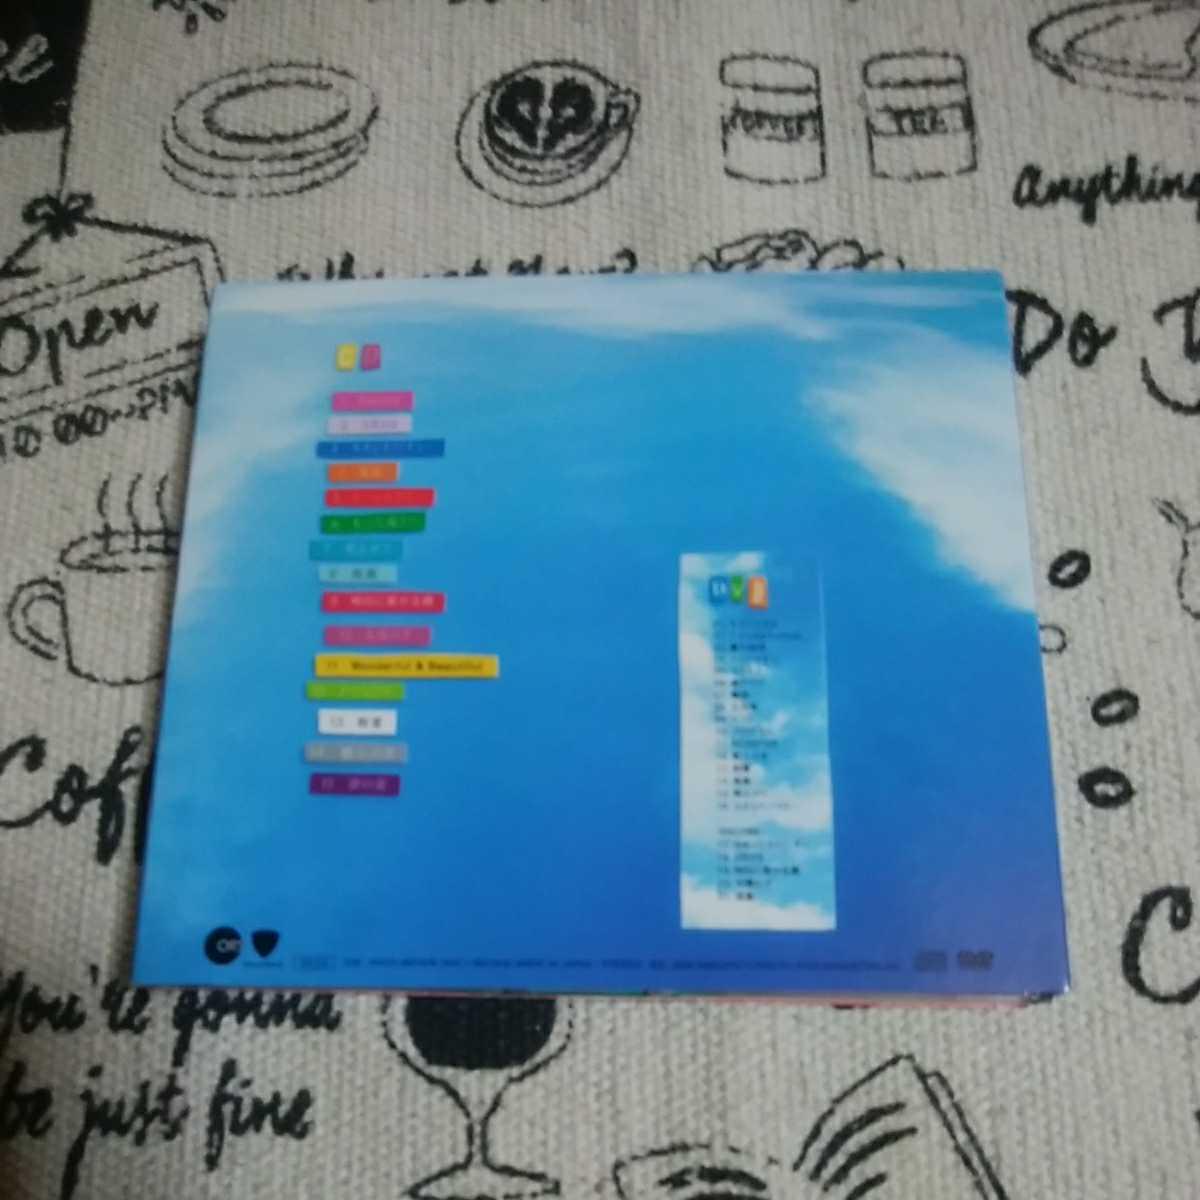 レミオロメン レミオベスト 初回限定盤 CD+DVD BEST アルバム 即決価格 盤面良好 CD15曲収録 DVD21曲収録 粉雪 3月9日 帯付き_画像3